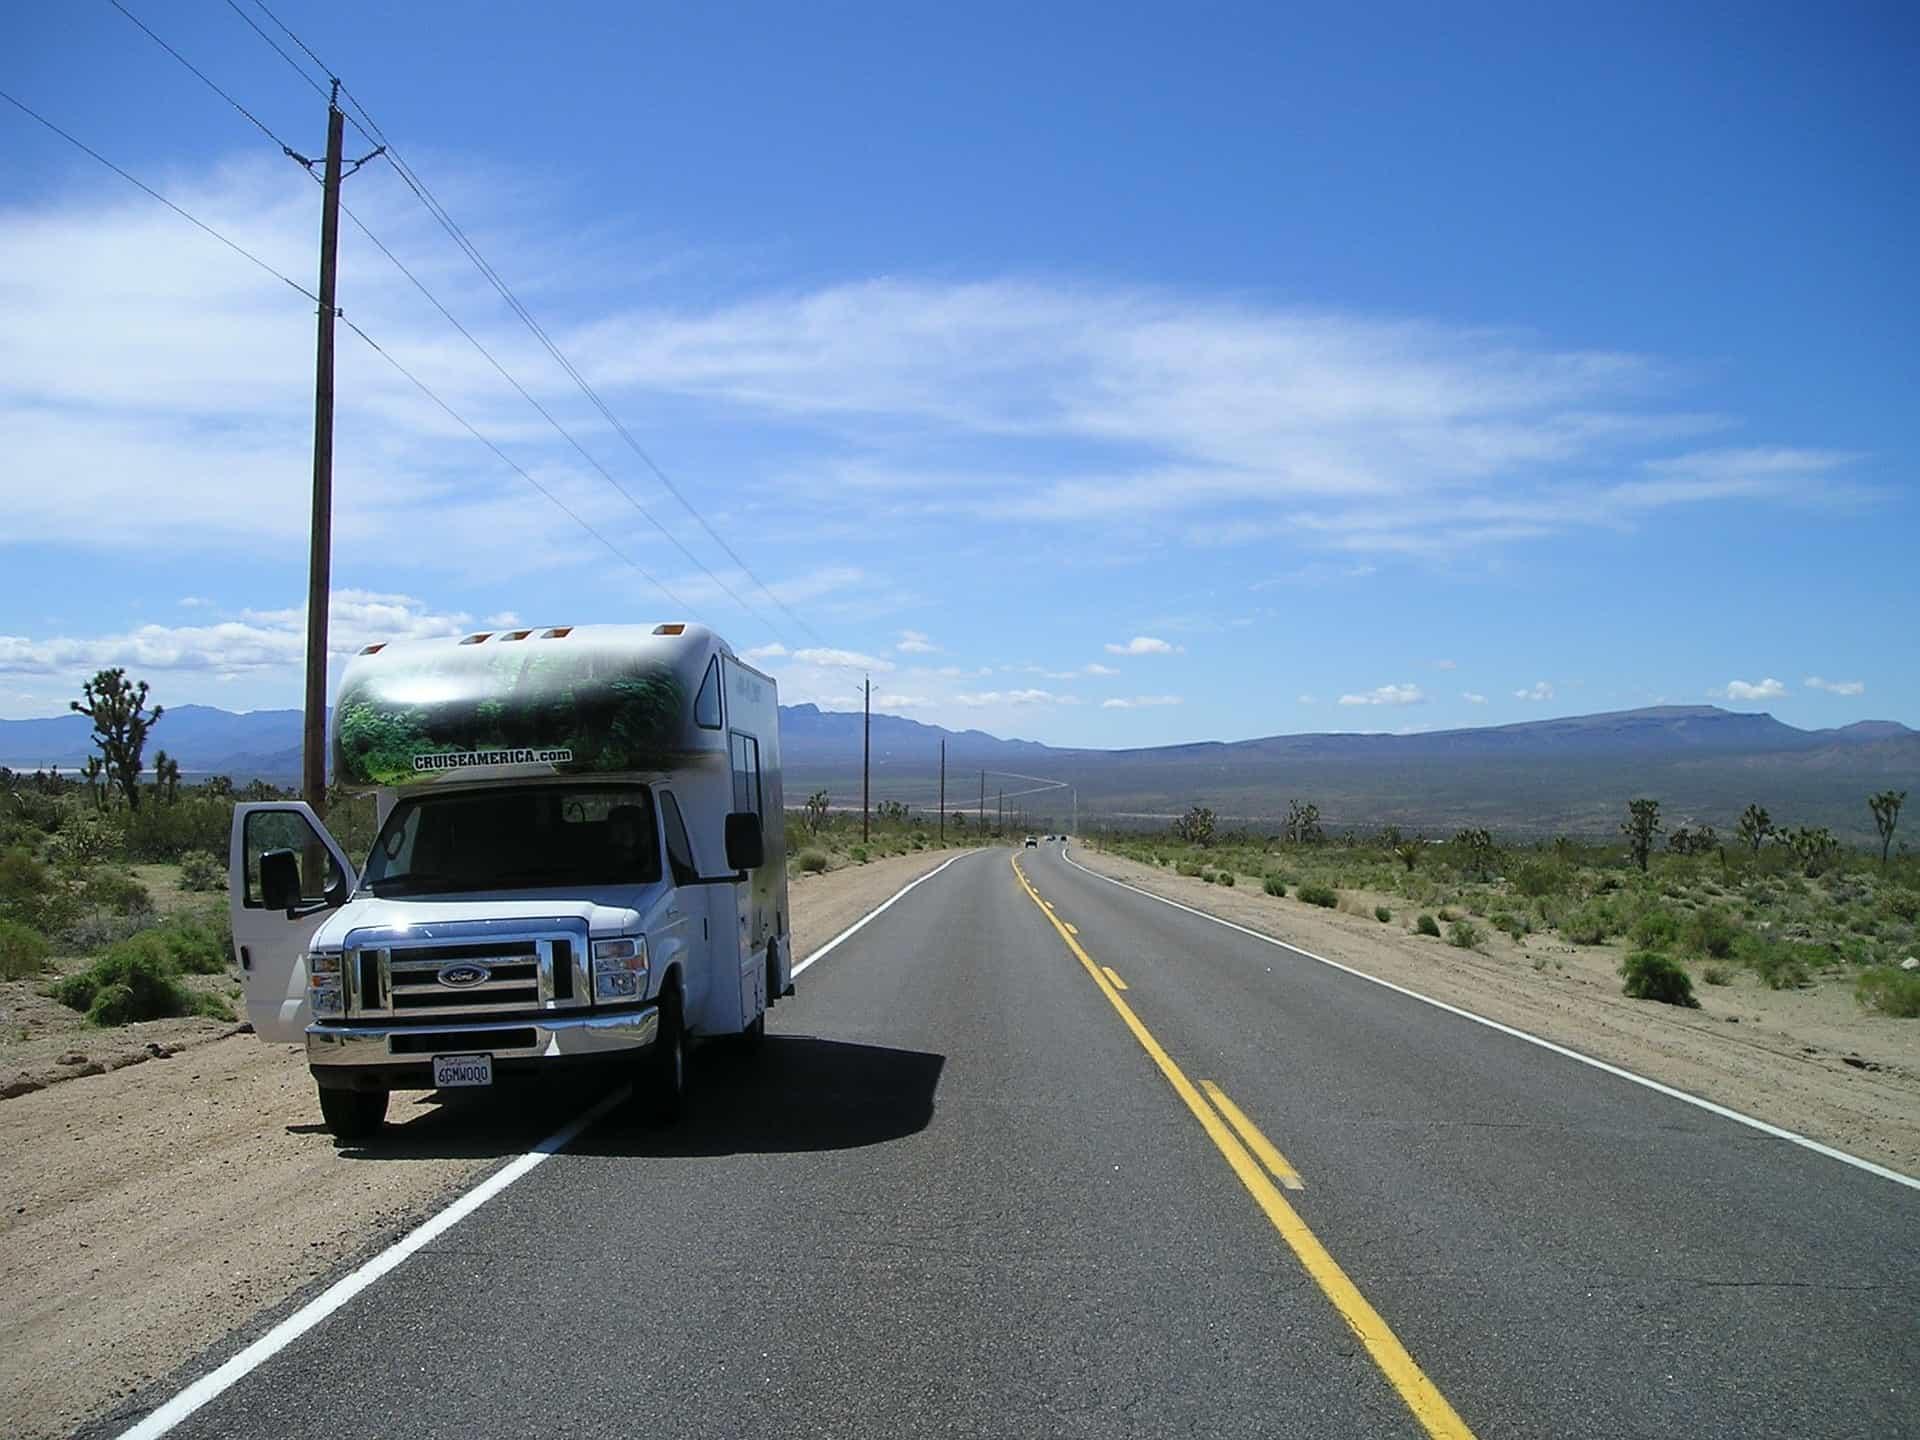 normativa para viajar en caravana